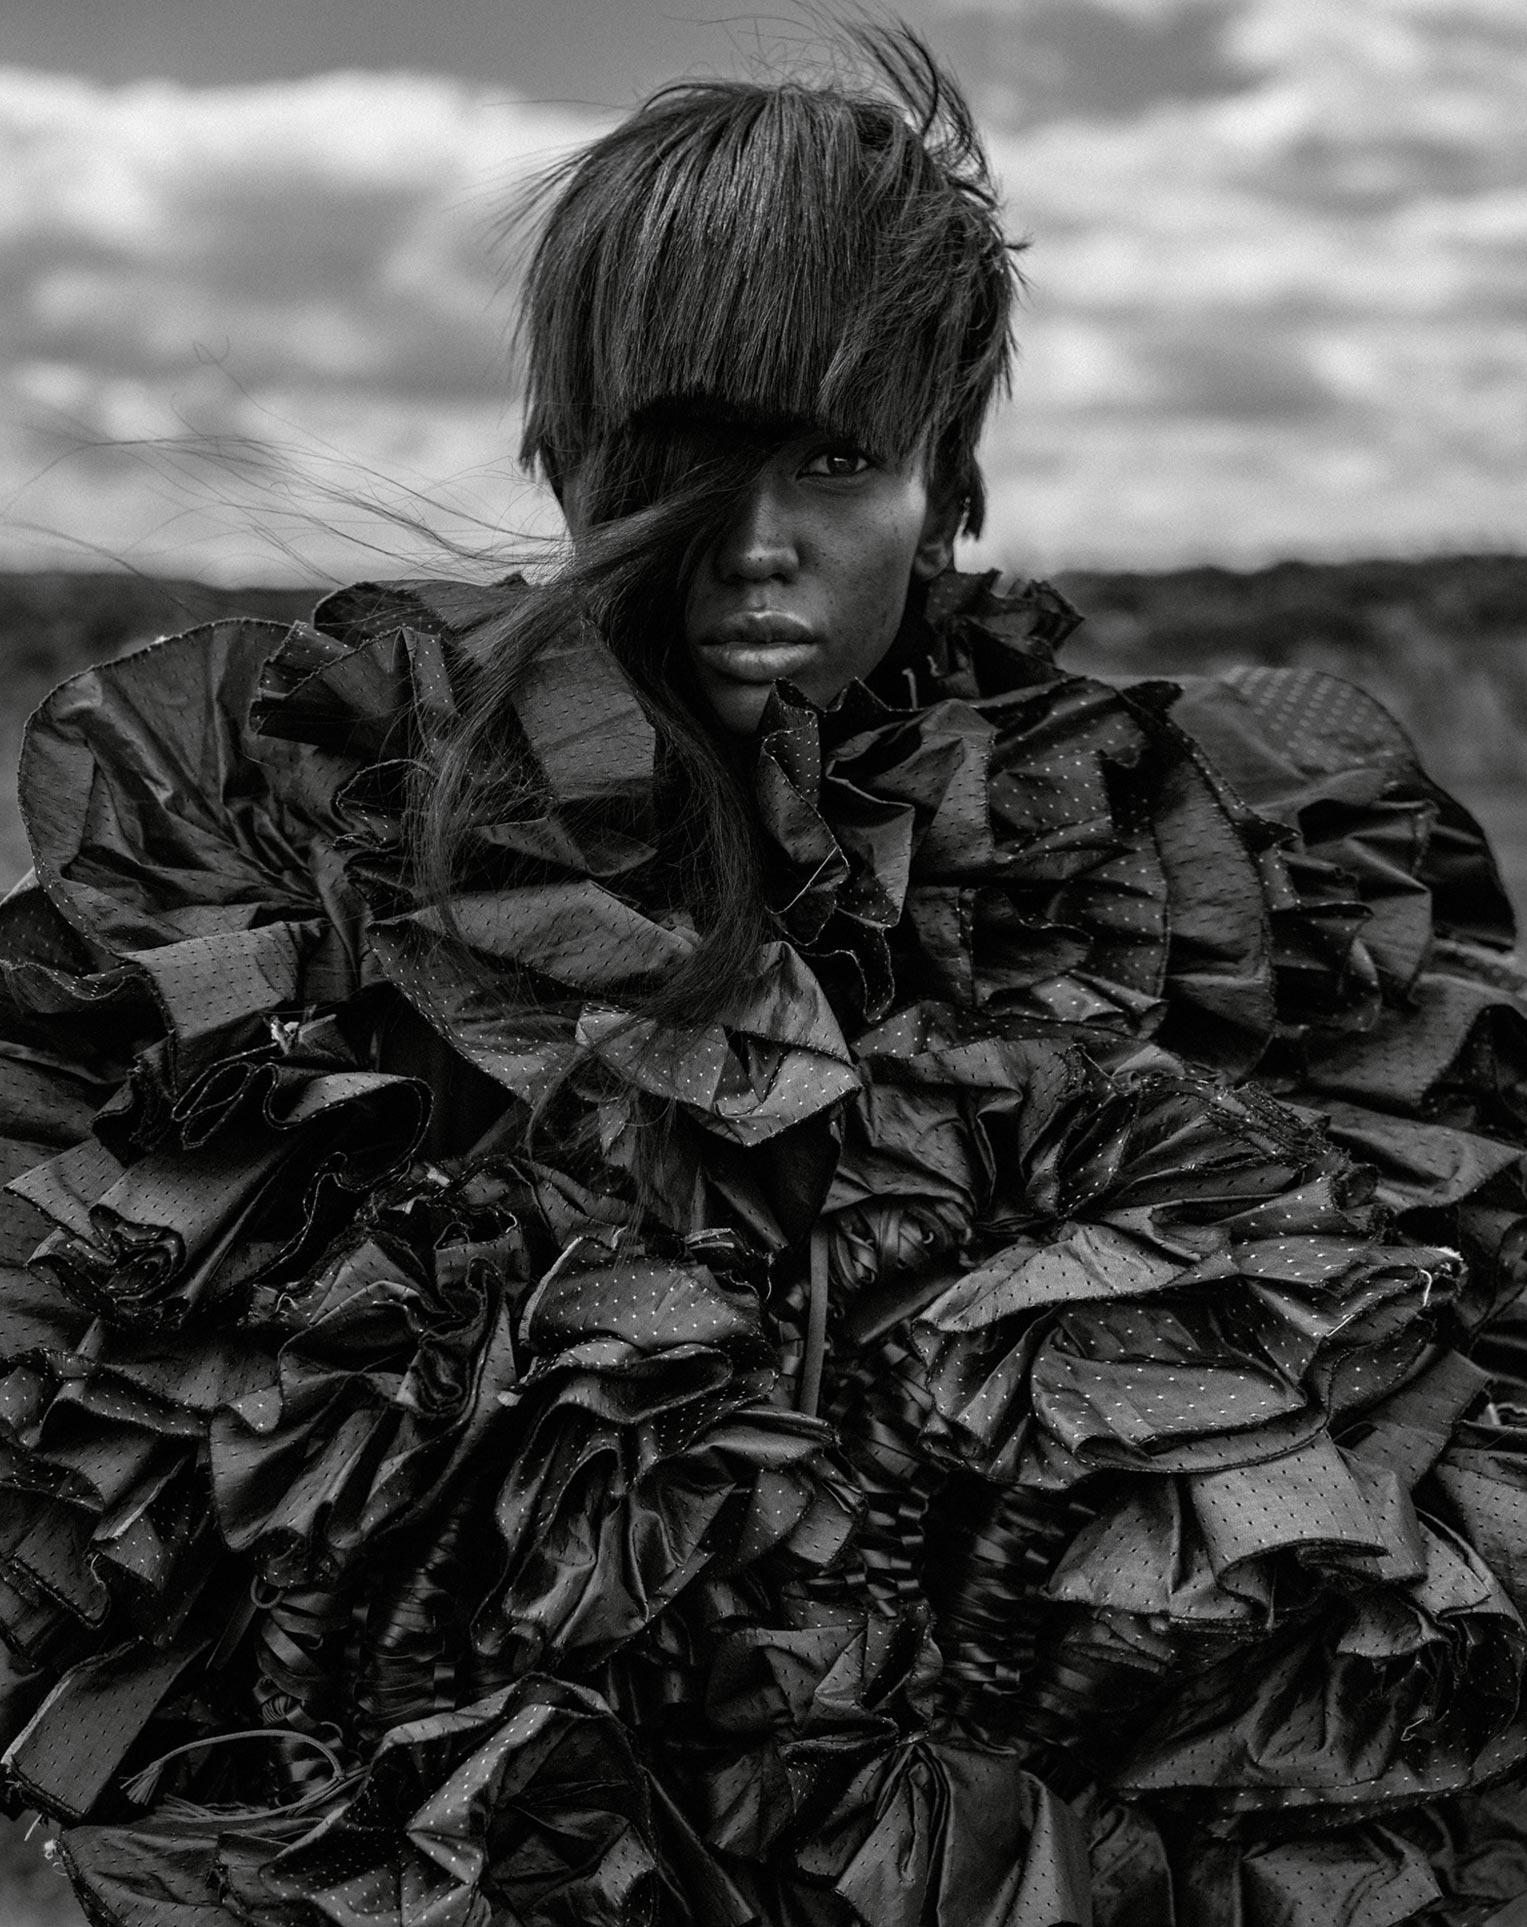 Нетрадиционный взгляд на модную одежду / фото 24